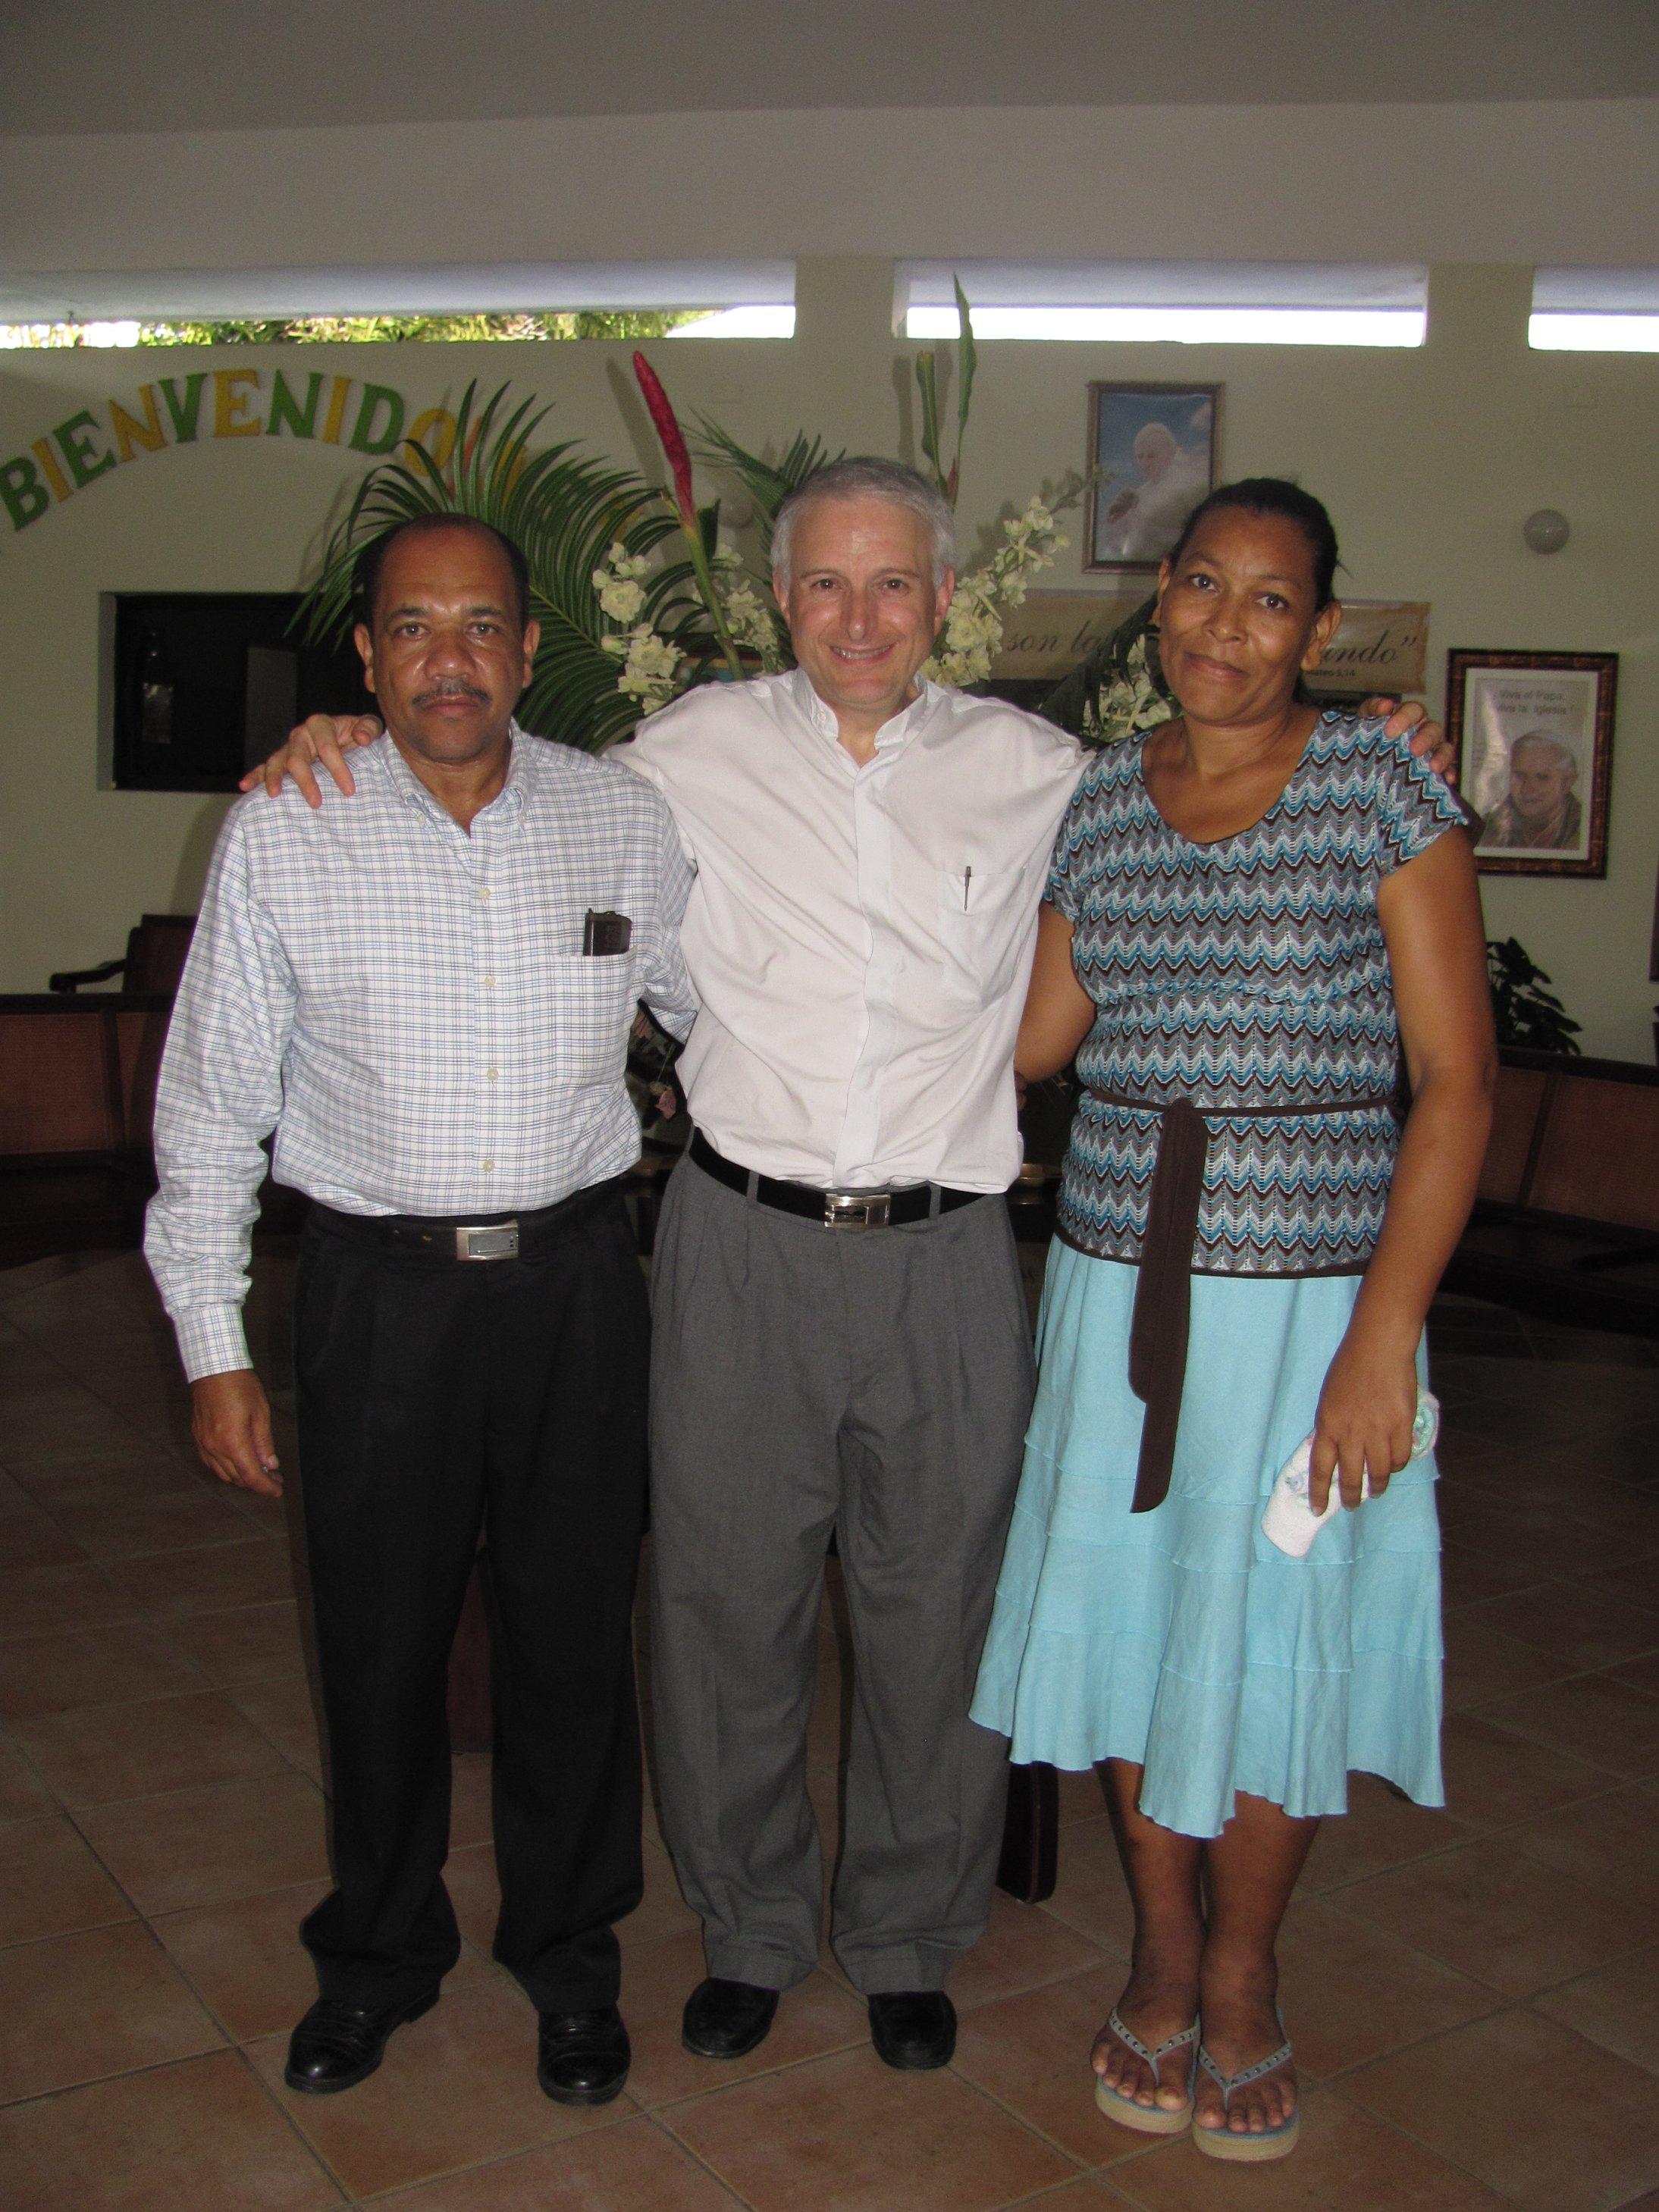 guaricano_convivencia_2012-06-24-18-20-52